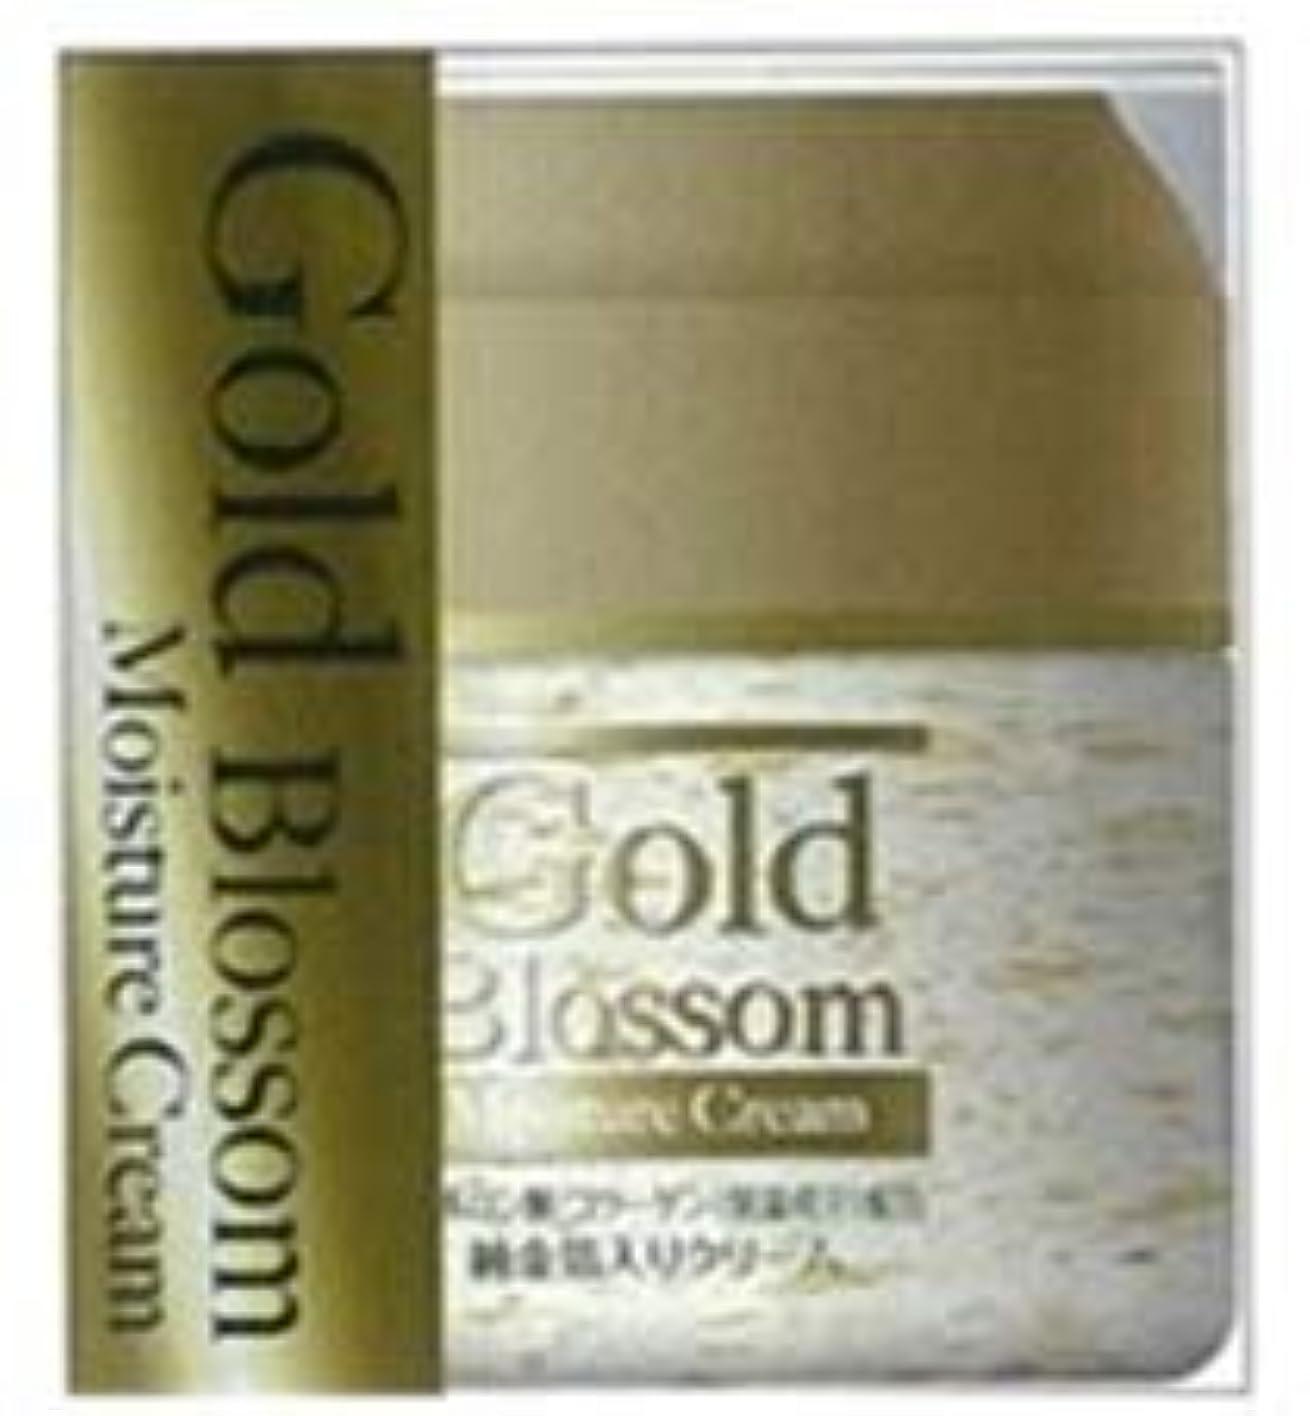 公爵夫人謎めいたもちろんGold Blossom 保湿クリーム